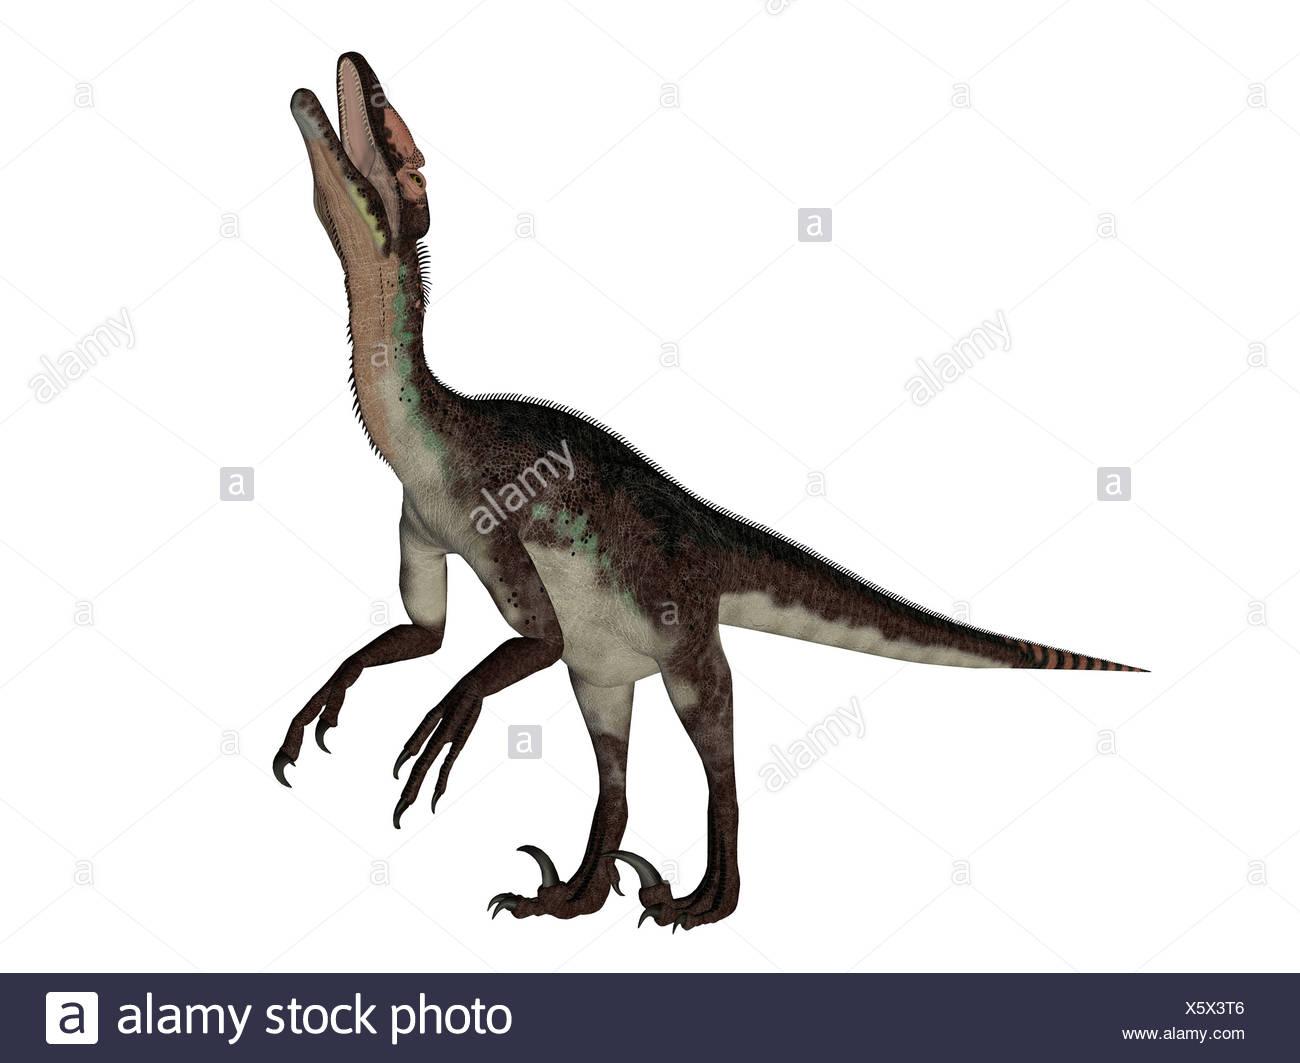 utahraptor dinosaur isolated on white background Stock Photo 1300x1063